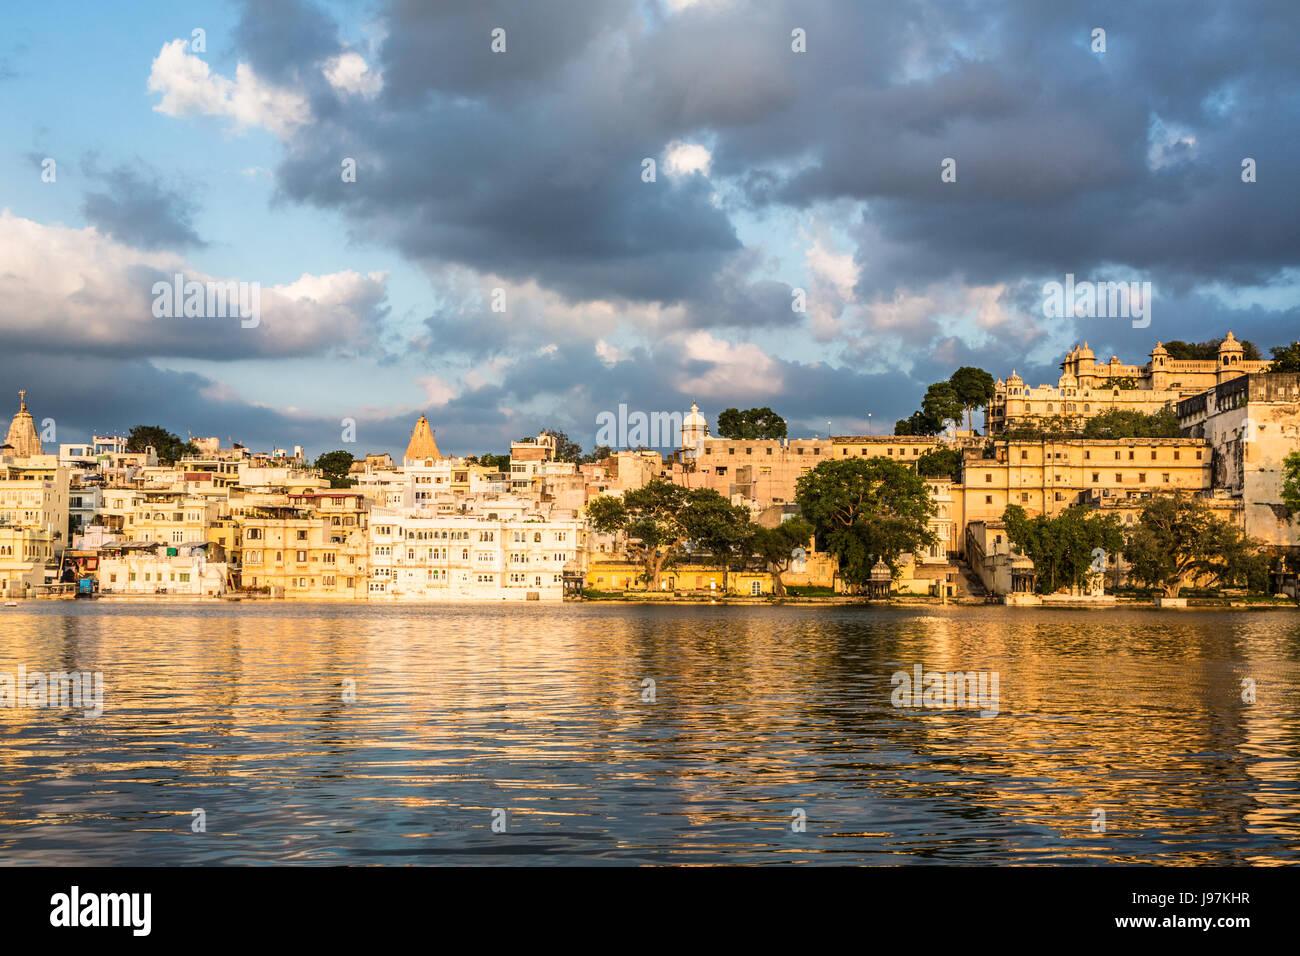 Coucher de soleil sur le lac Pichola à Udaipur au bord du lac de la vieille ville et le palais de ville du Rajasthan, Inde Banque D'Images